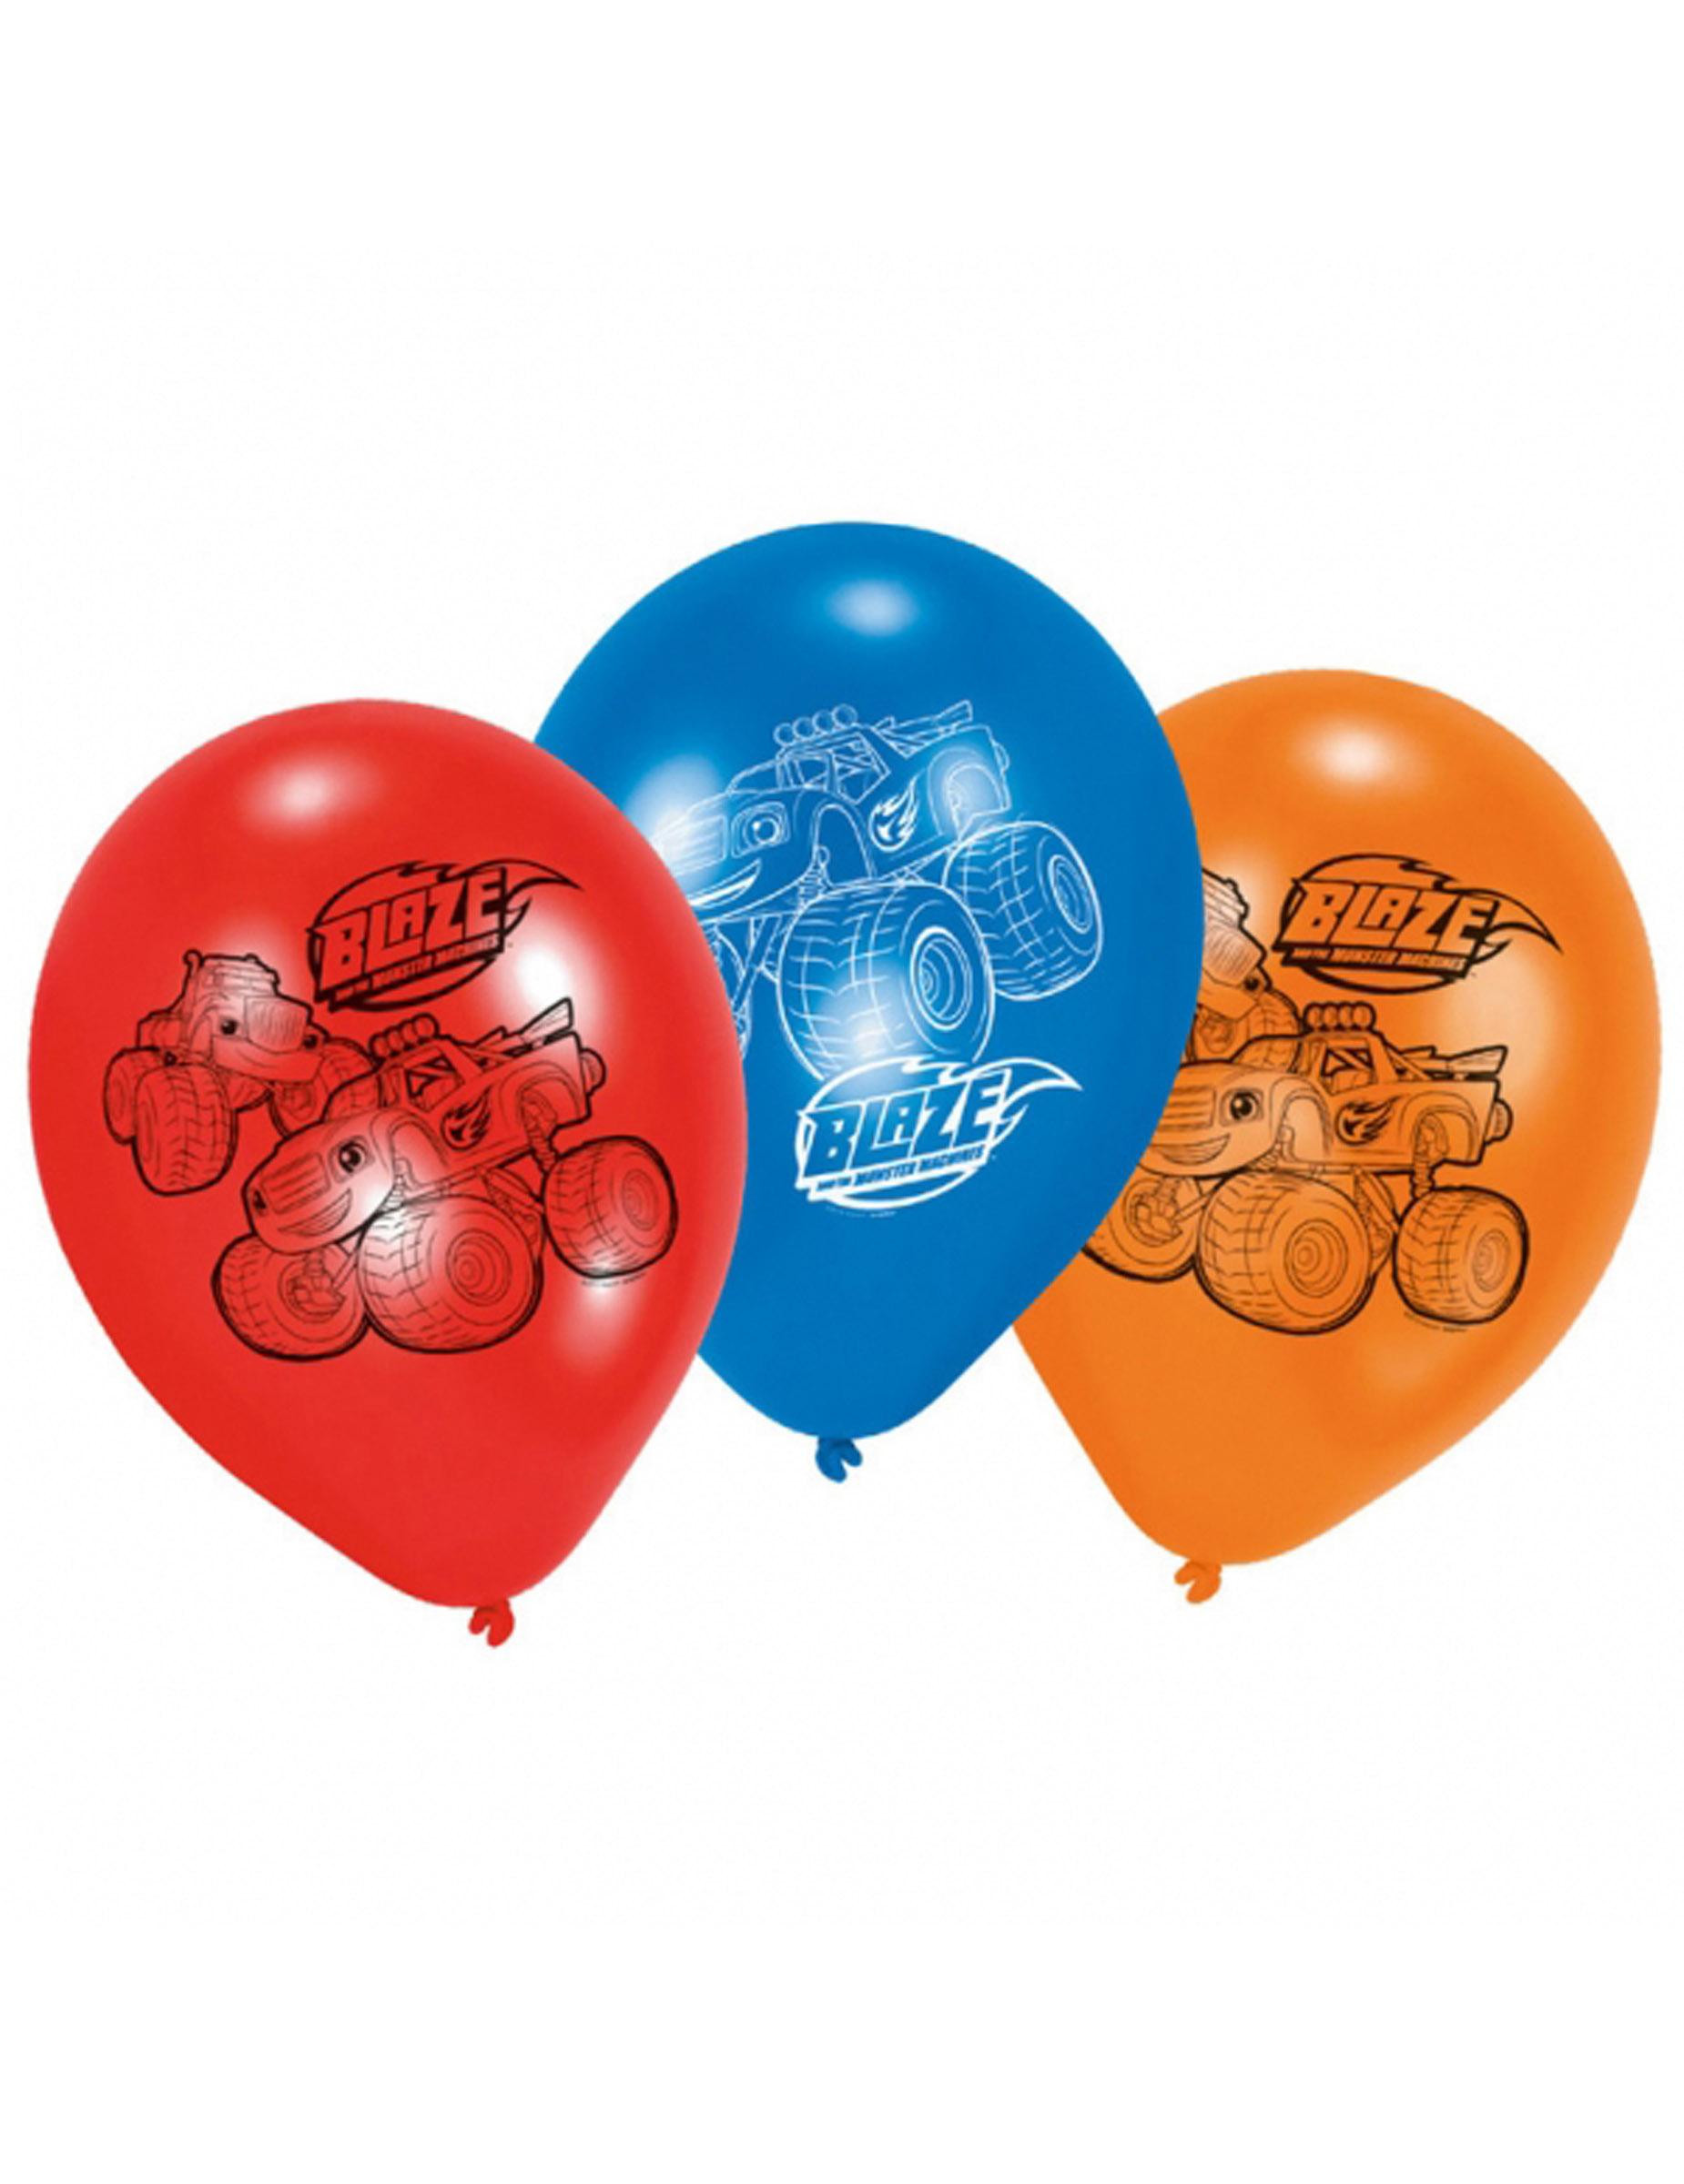 Luftballons blaze und die monster maschinen bunt 22cm for Blaze und die monster maschinen